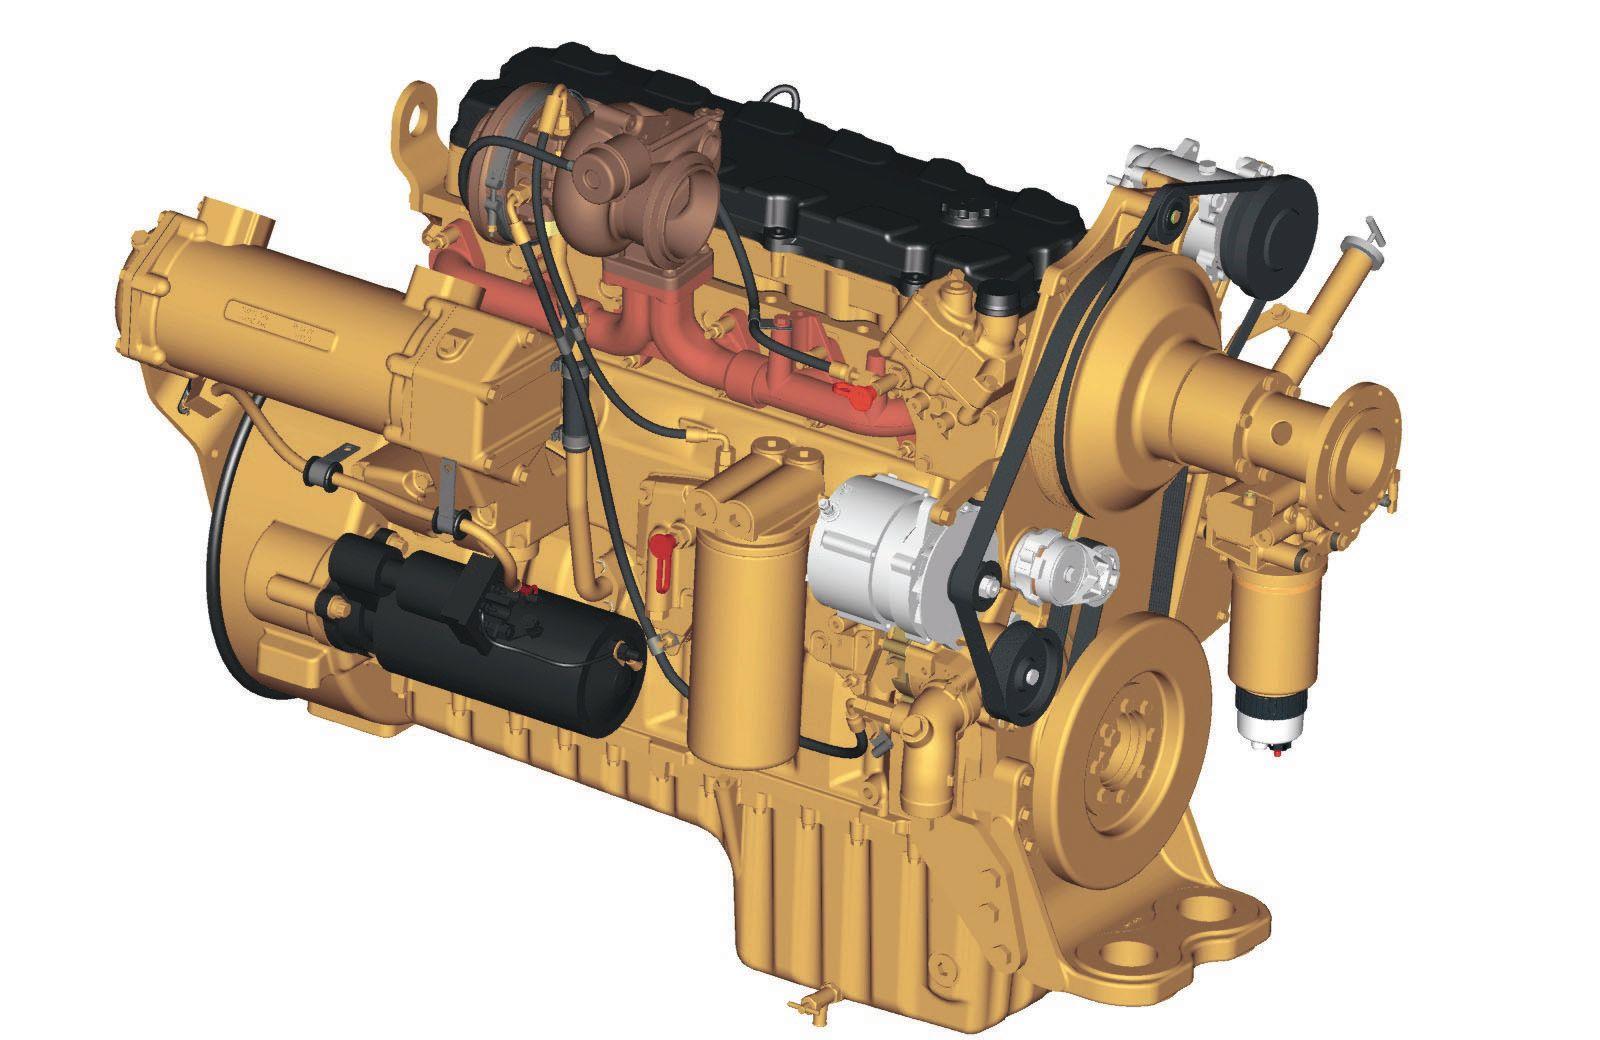 cat 236 engine diagram cat 3046 engine diagram | wiring library cat c9 engine diagram